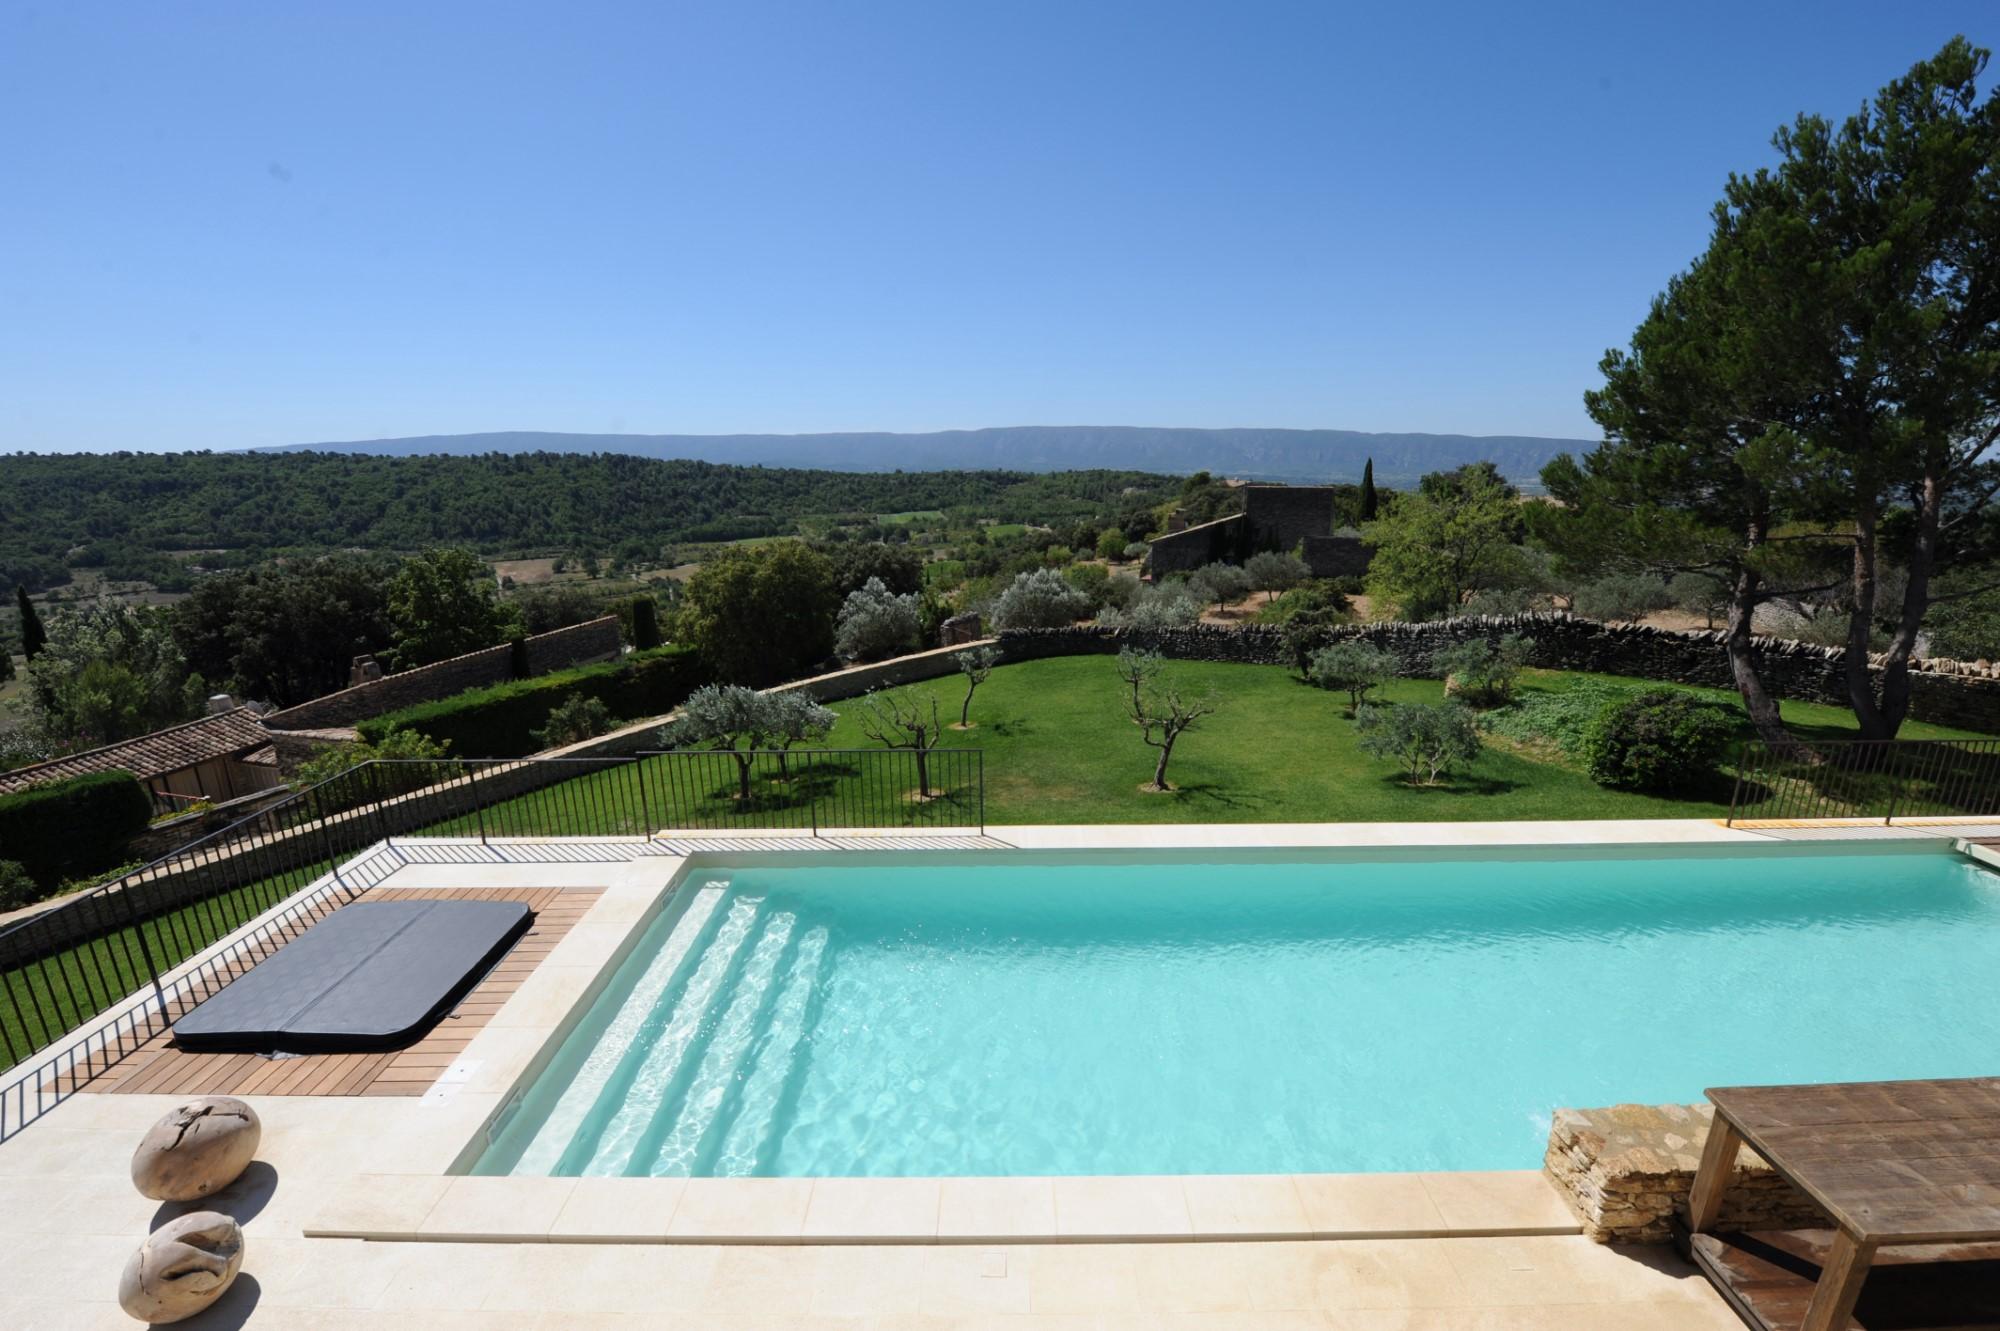 Maison rénovée avec piscine à vendre à Gordes